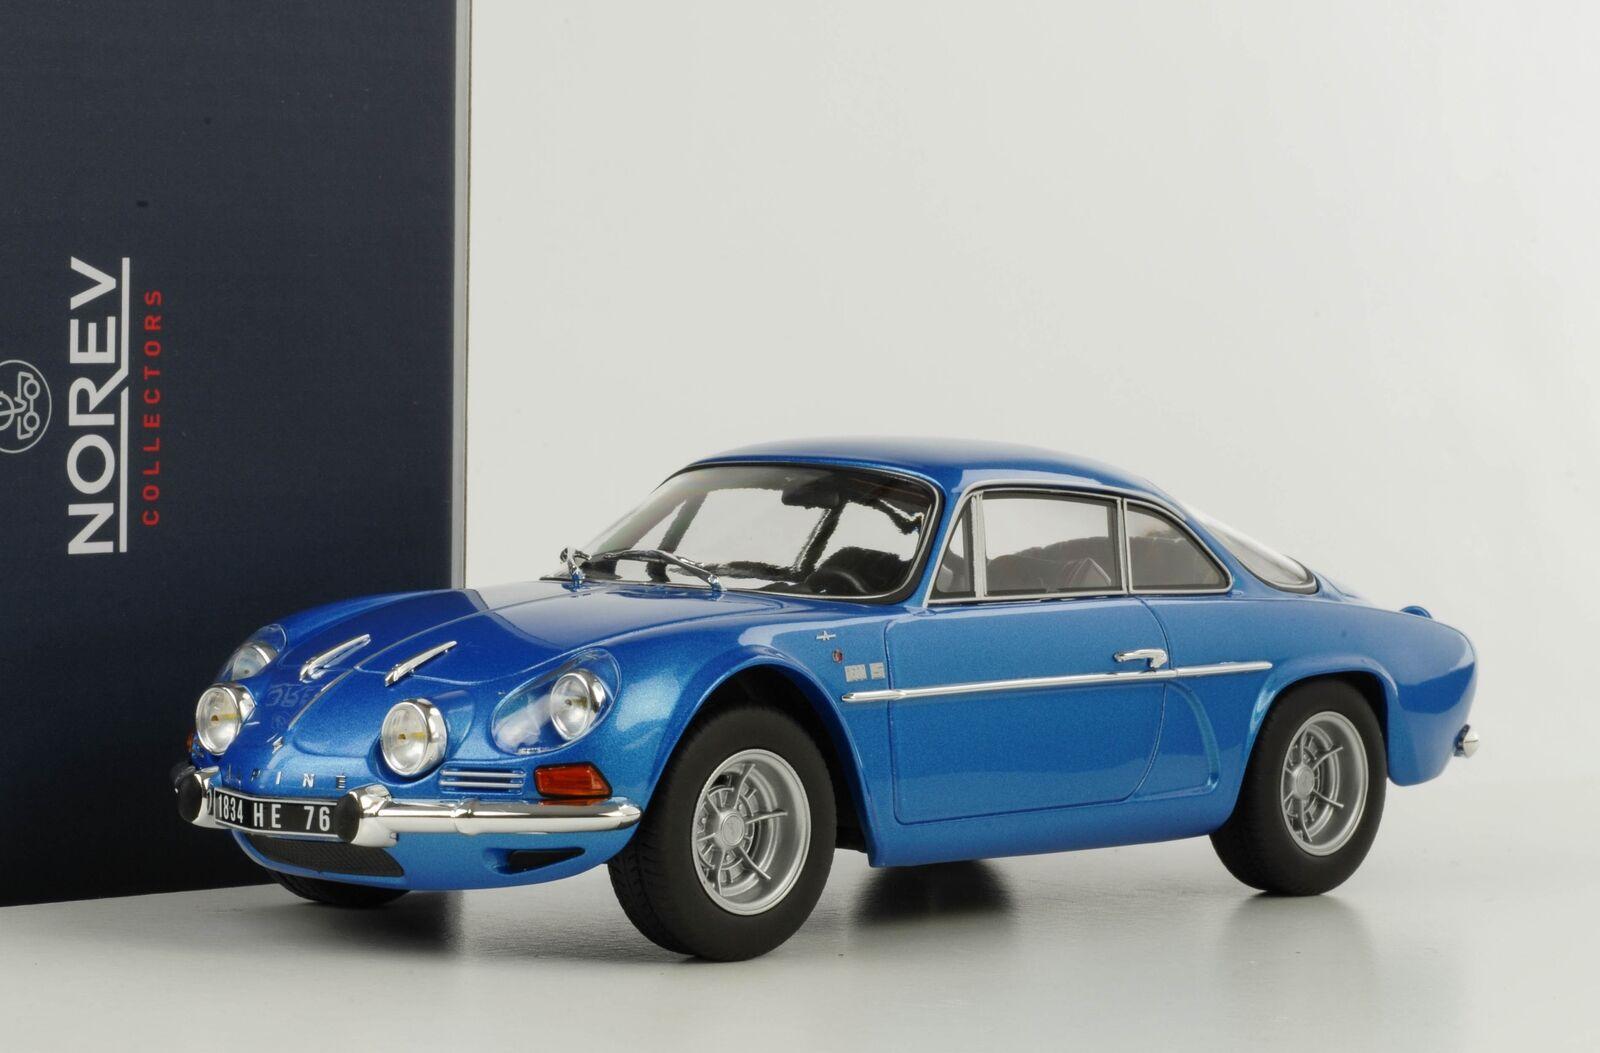 Renault Alpine 1600S 1600S 1600S A110 1971 Azul Metálico 1 18 Norev 185300 7df069